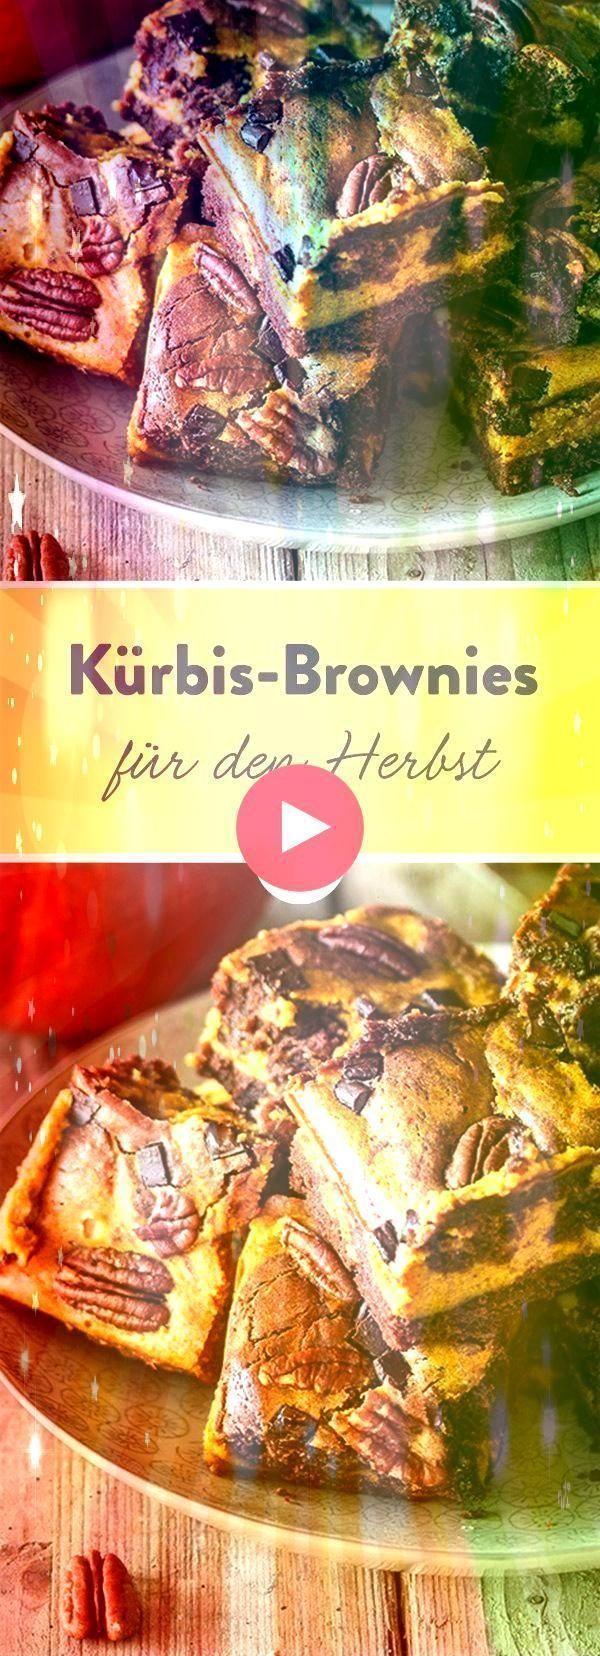 : brownies with pecans  - Kürbis Rezepte -Pumpkin brownies with pecans  - Kürbis Rezepte -  Lecke